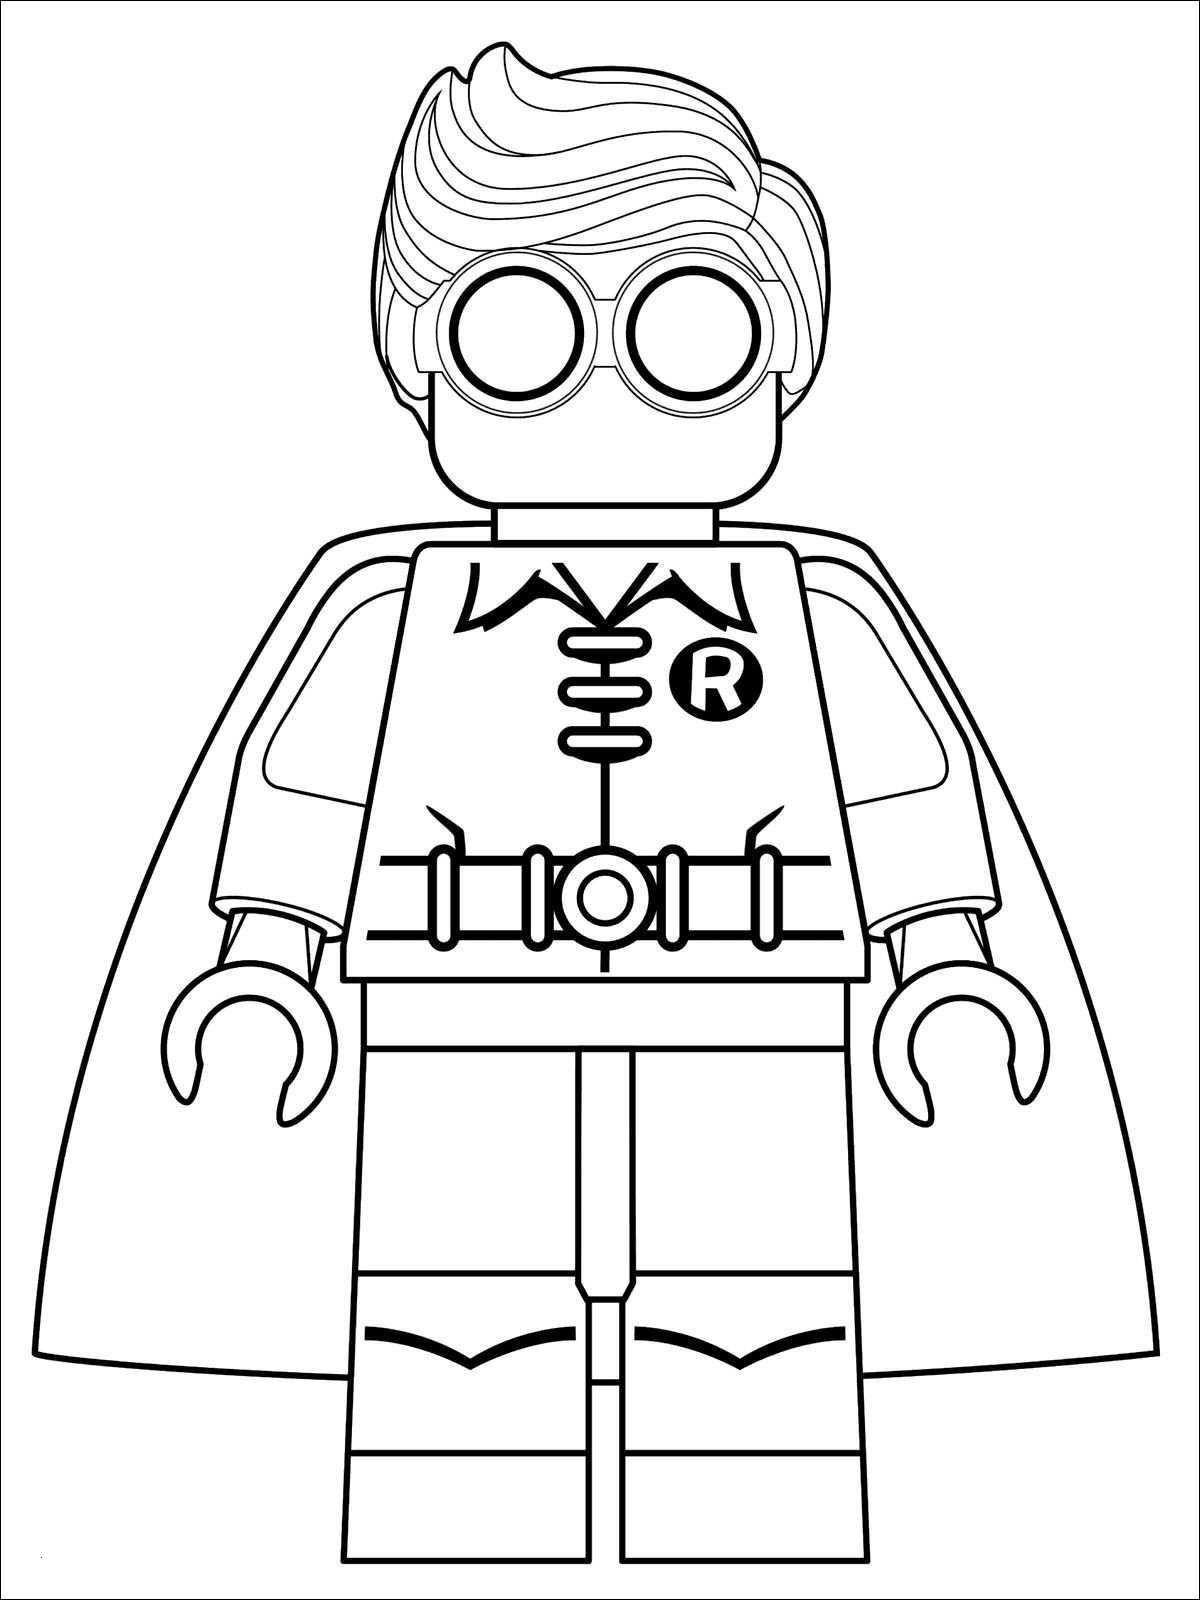 Ausmalbilder Batman Lego Das Beste Von Lego Ausmalbilder Zum Ausdrucken Galerie Ninja Ausmalbilder Zum Sammlung